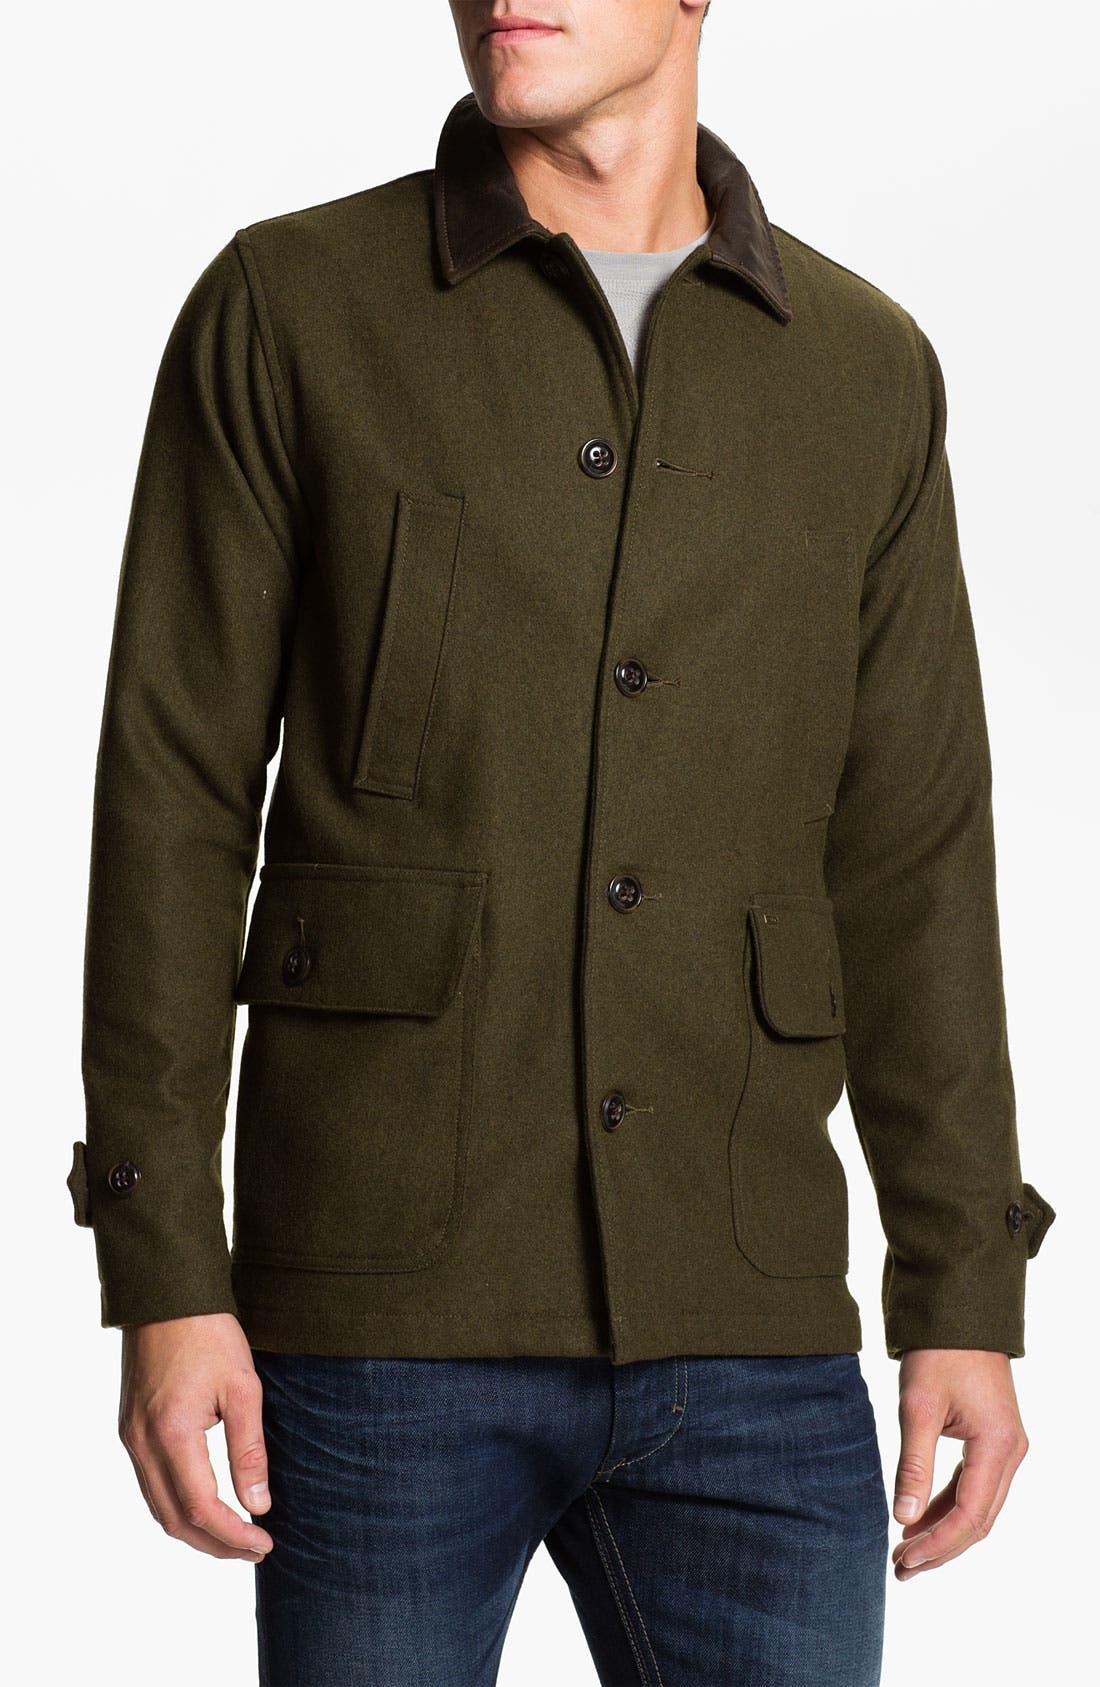 Alternate Image 1 Selected - Obey 'Berlin' Wool Blend Jacket